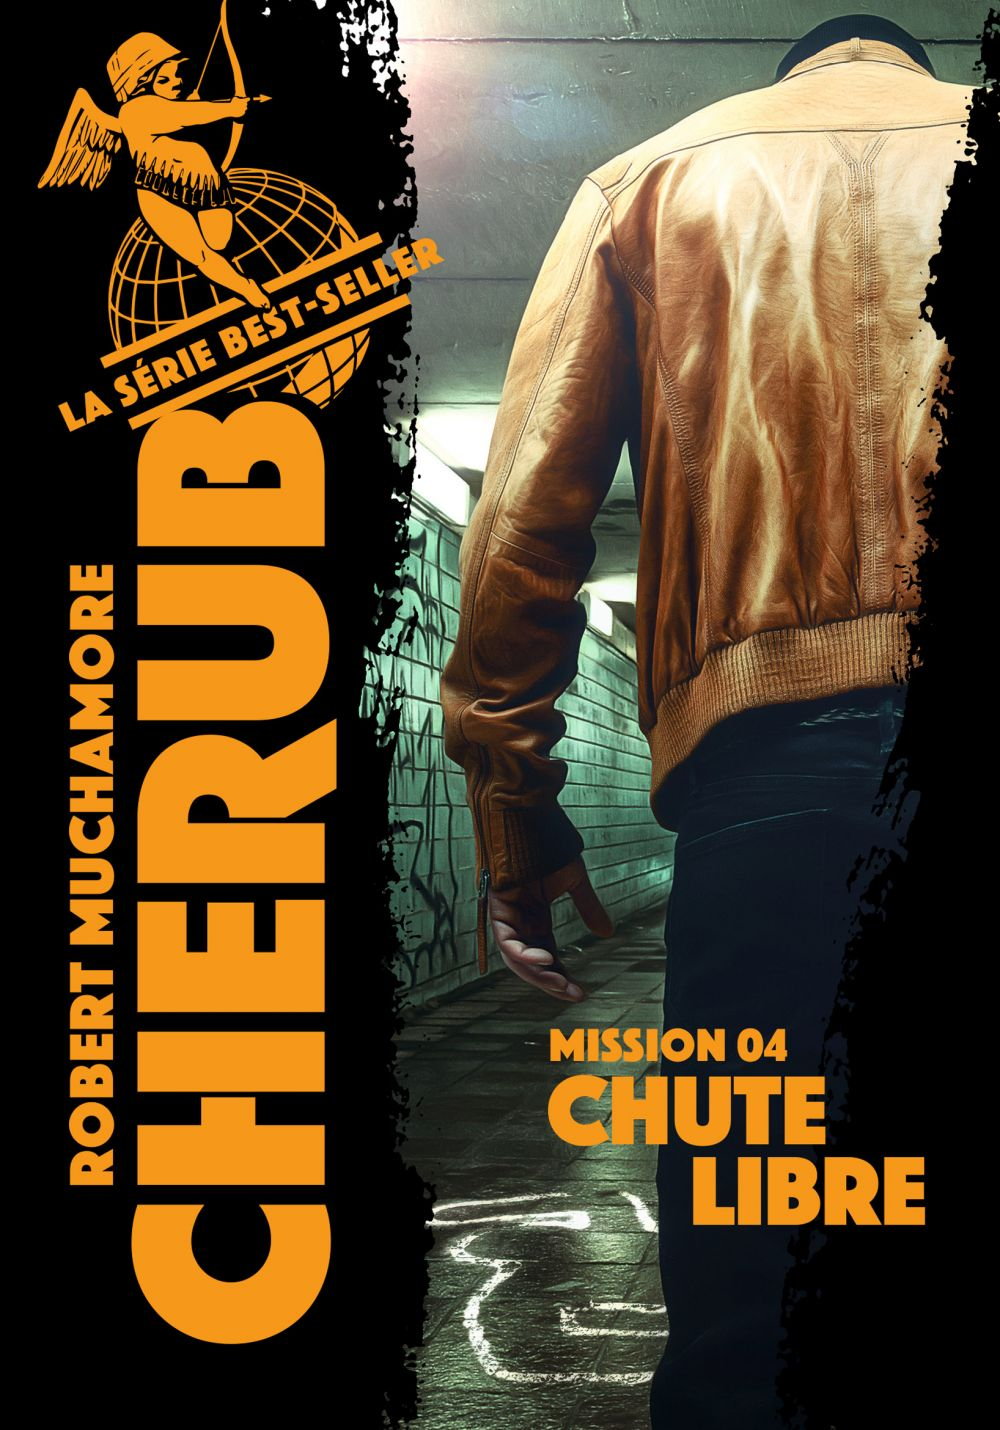 Cherub (Mission 4)  - Chute libre |